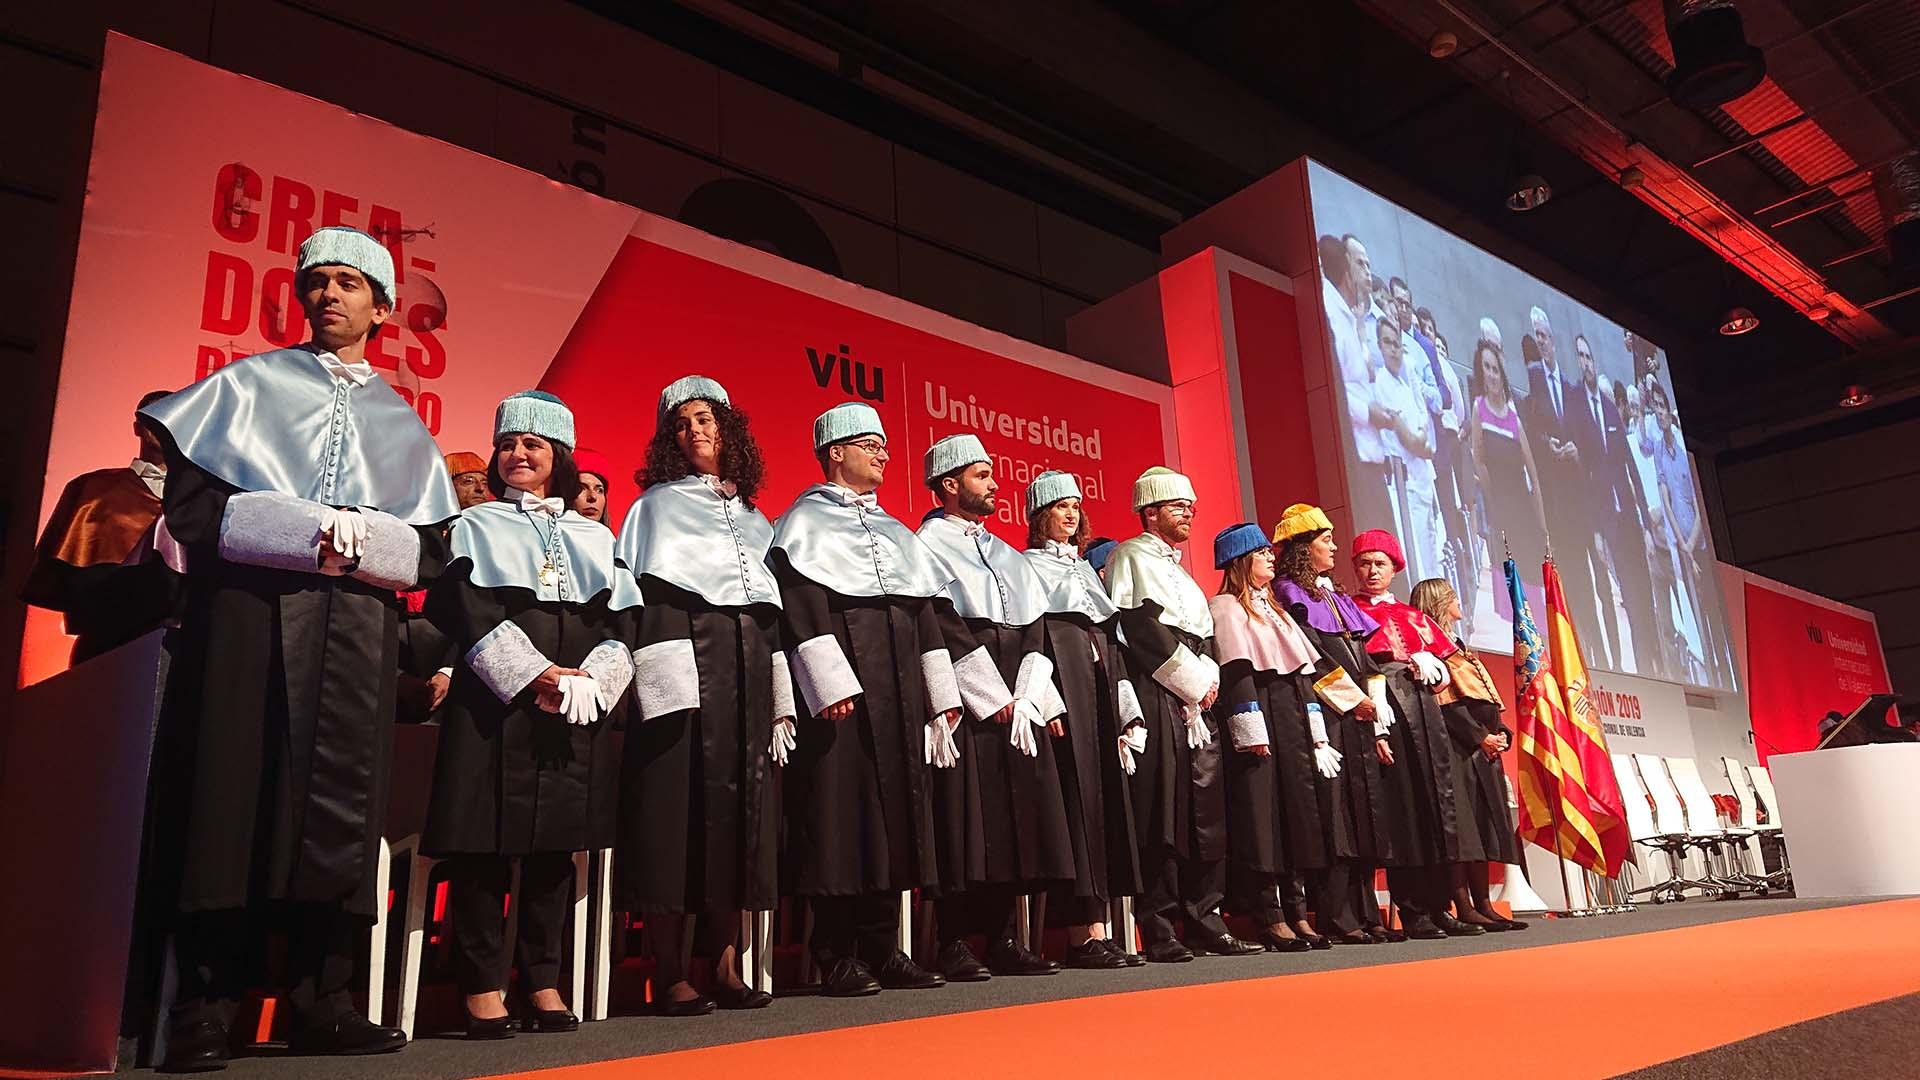 VIU graduation event. Awarding of diplomas